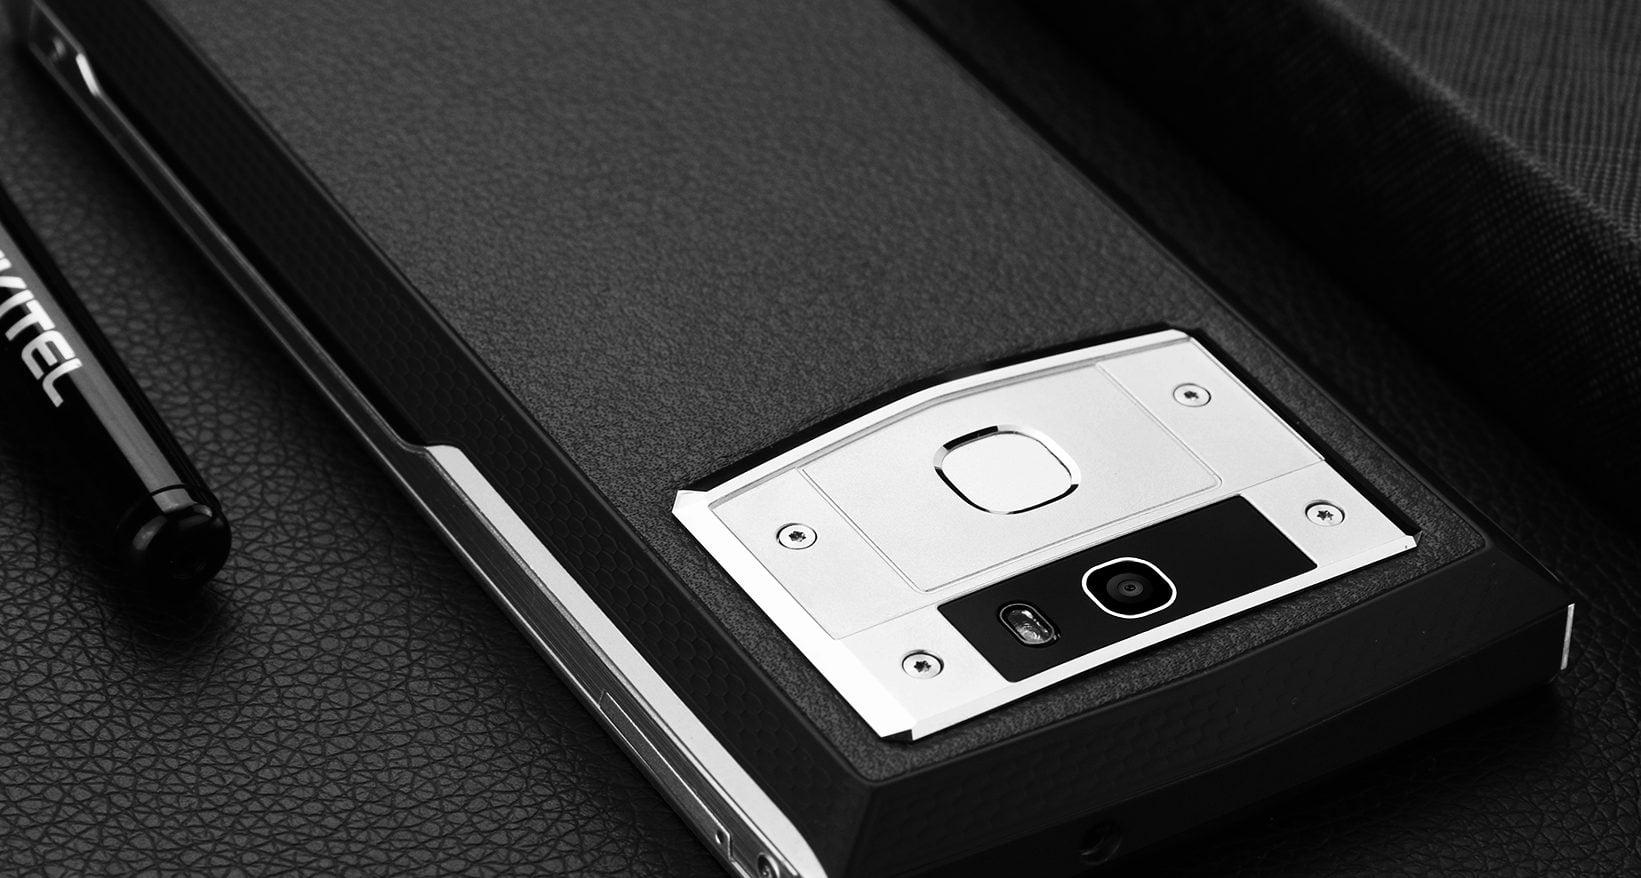 Tabletowo.pl Na początku czerwca OUKITEL wprowadzi na rynek nowy smartfon z baterią 10000 mAh Android Chińskie Smartfony